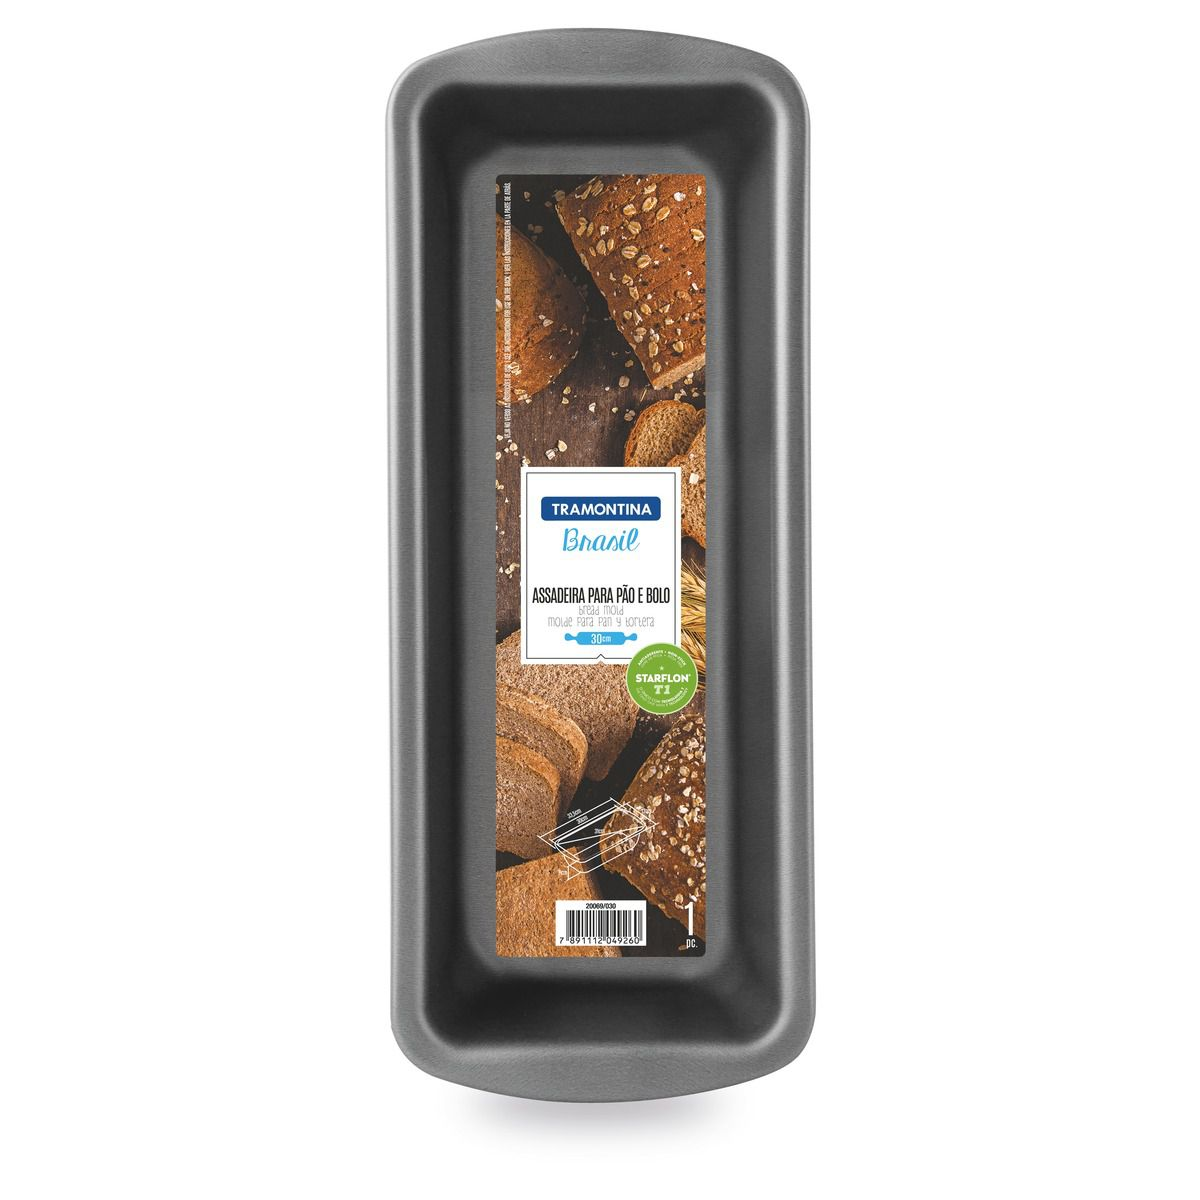 Forma para pão e bolo de alumínio com revestimento interno antiaderente 22cm 20069/022 | Lojas Estrela